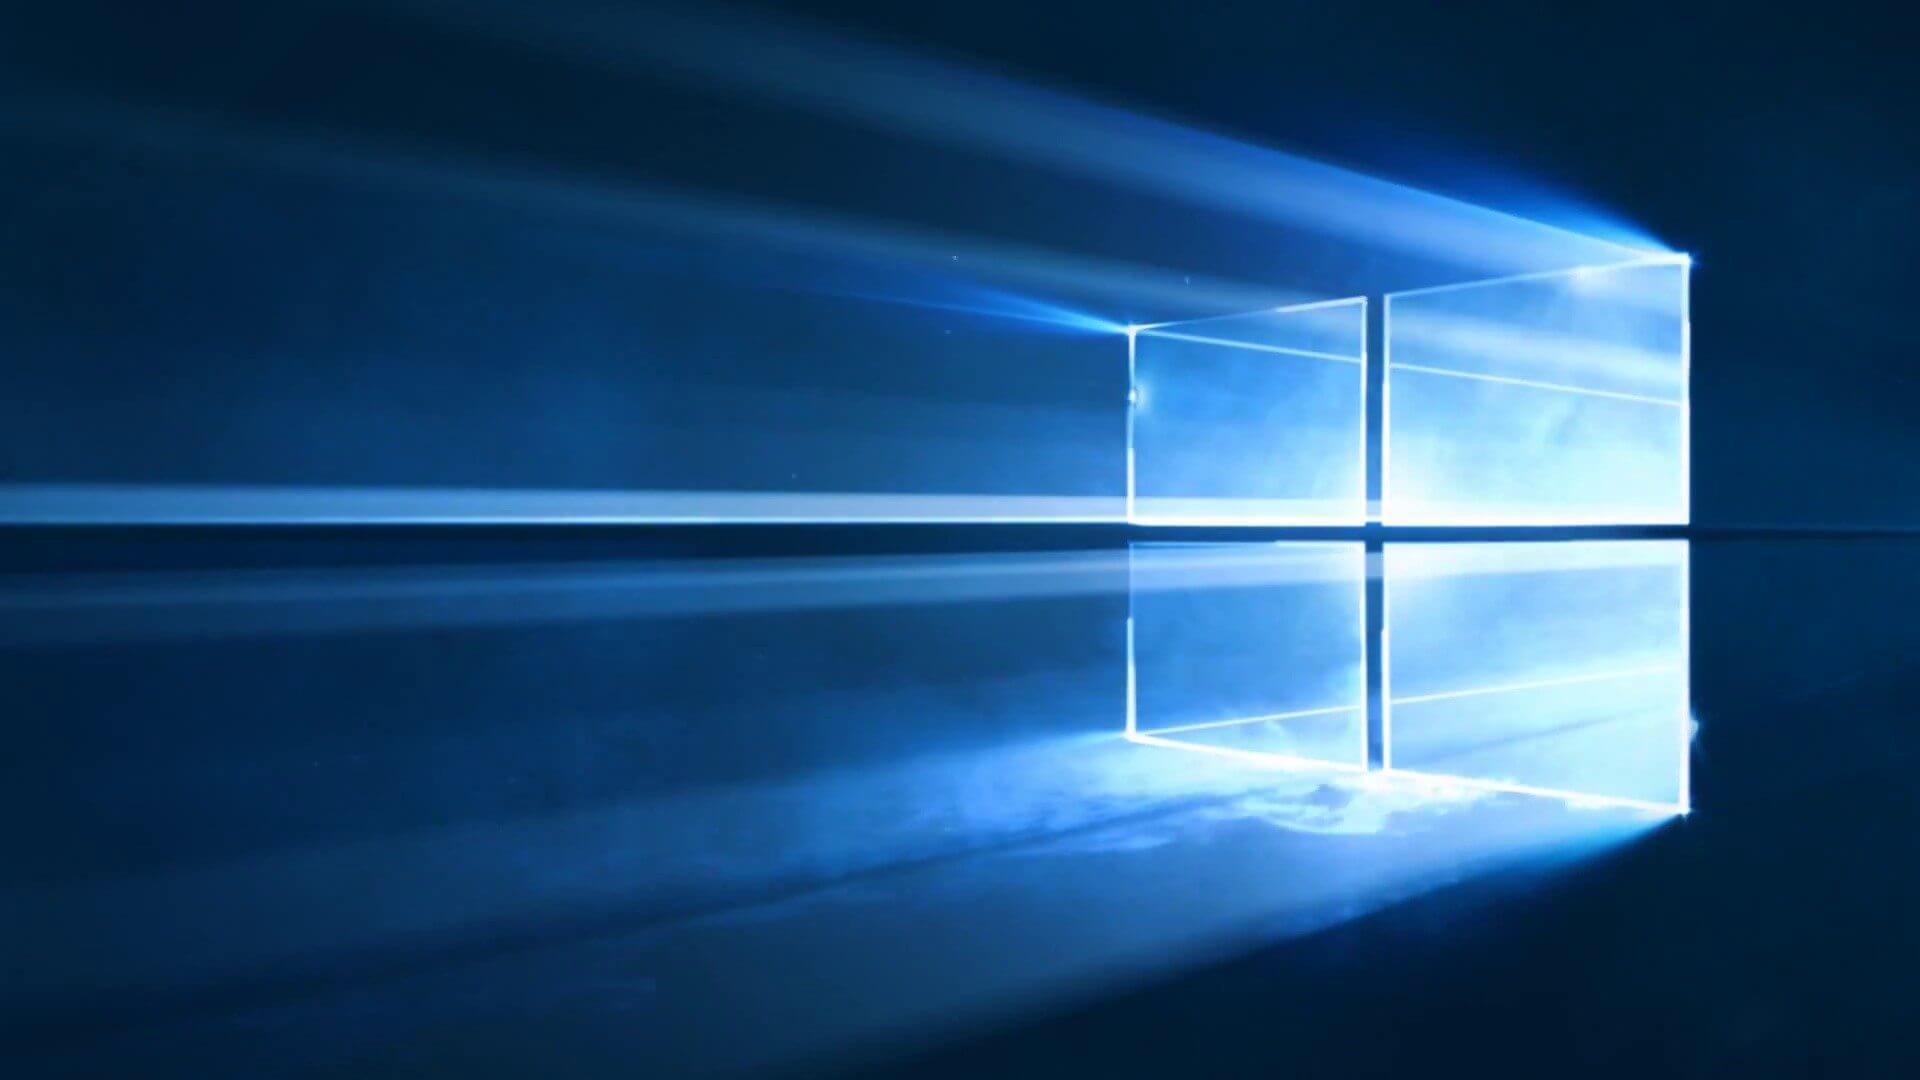 Windows 10 Insider é atualizado com novidades anunciadas na Build 2016